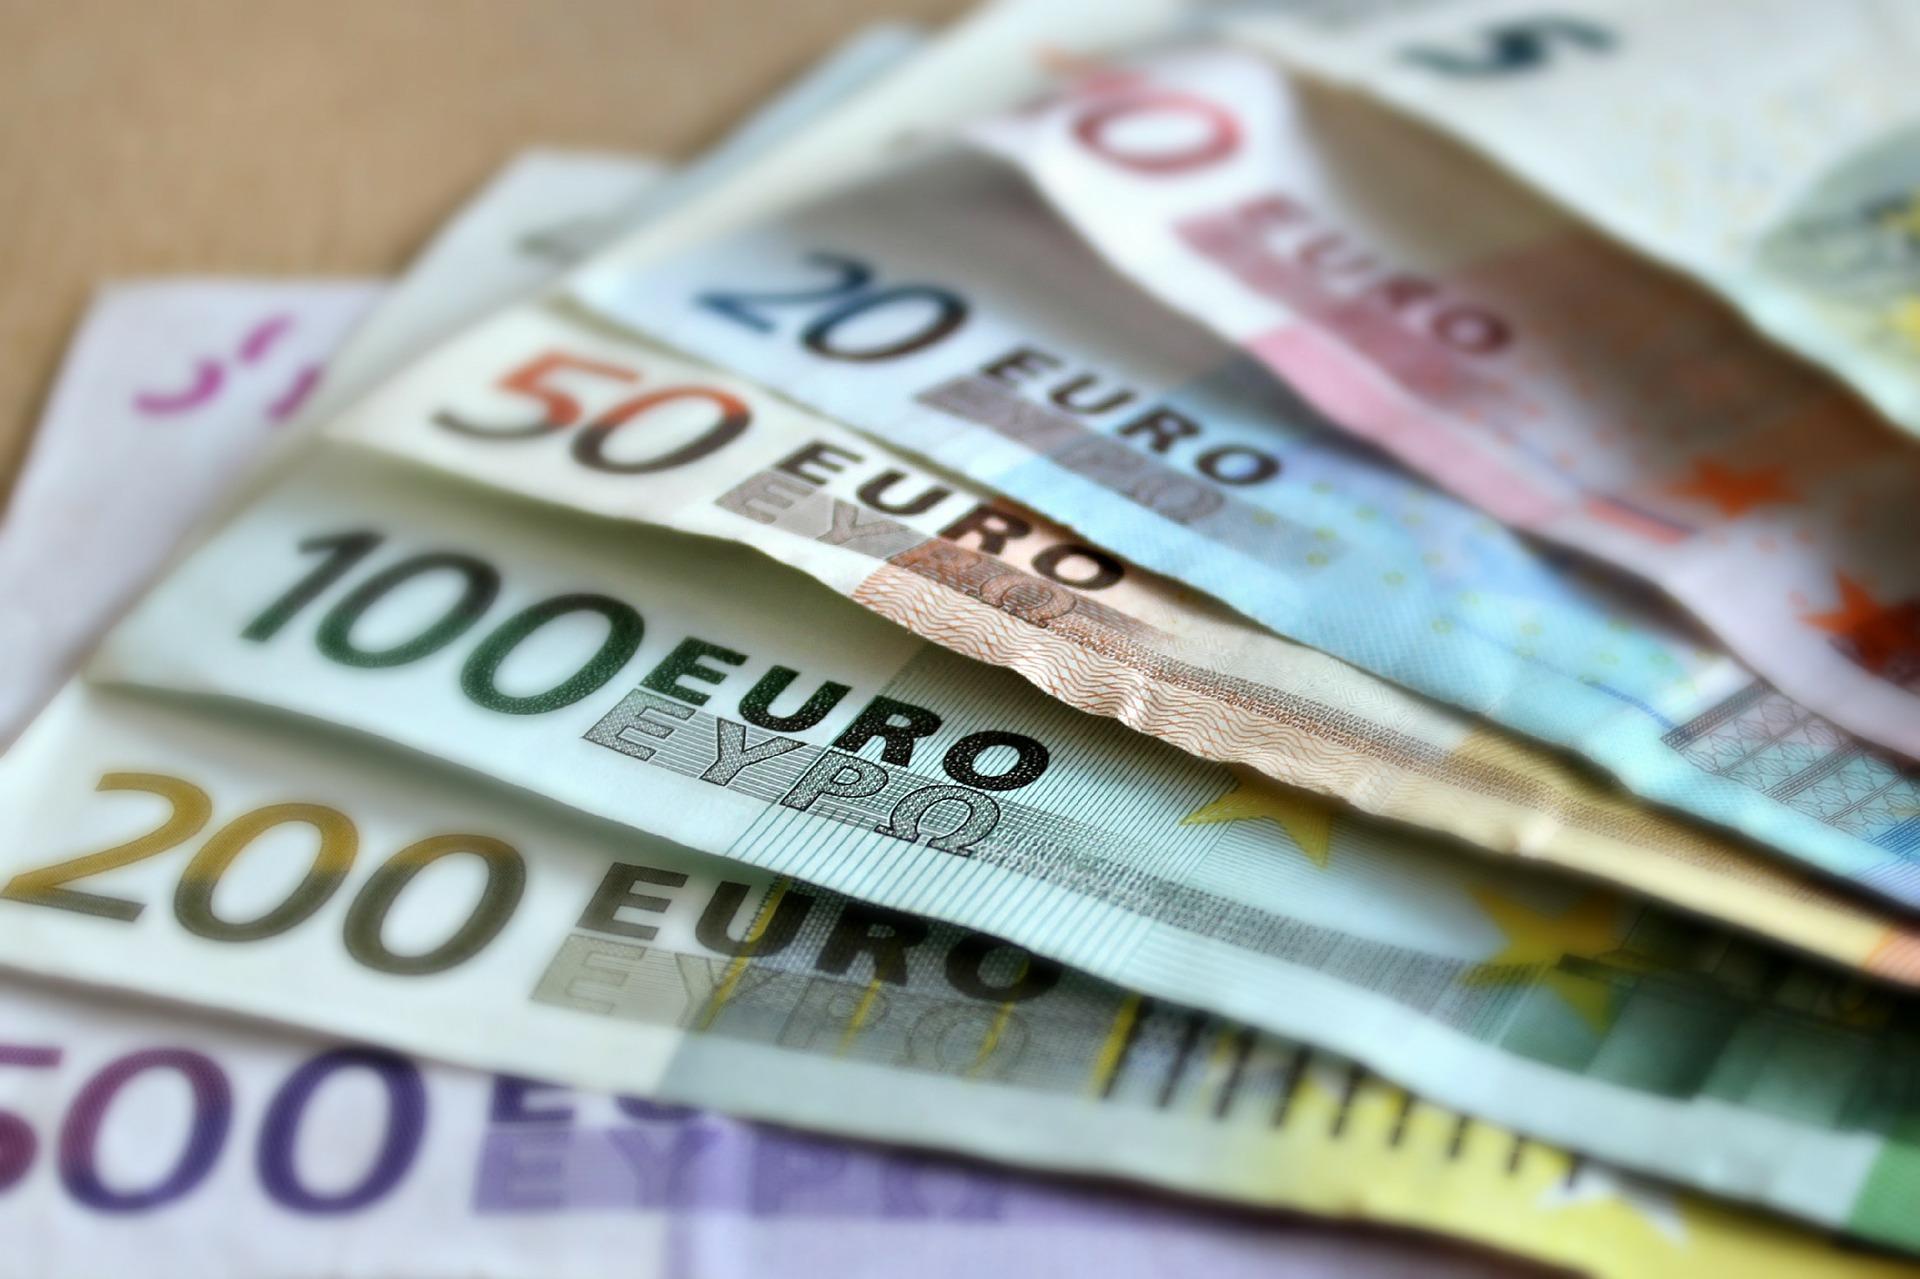 Komisja Europejska prowadzi konsultacje w sprawie roli waluty euro w obszarze energii